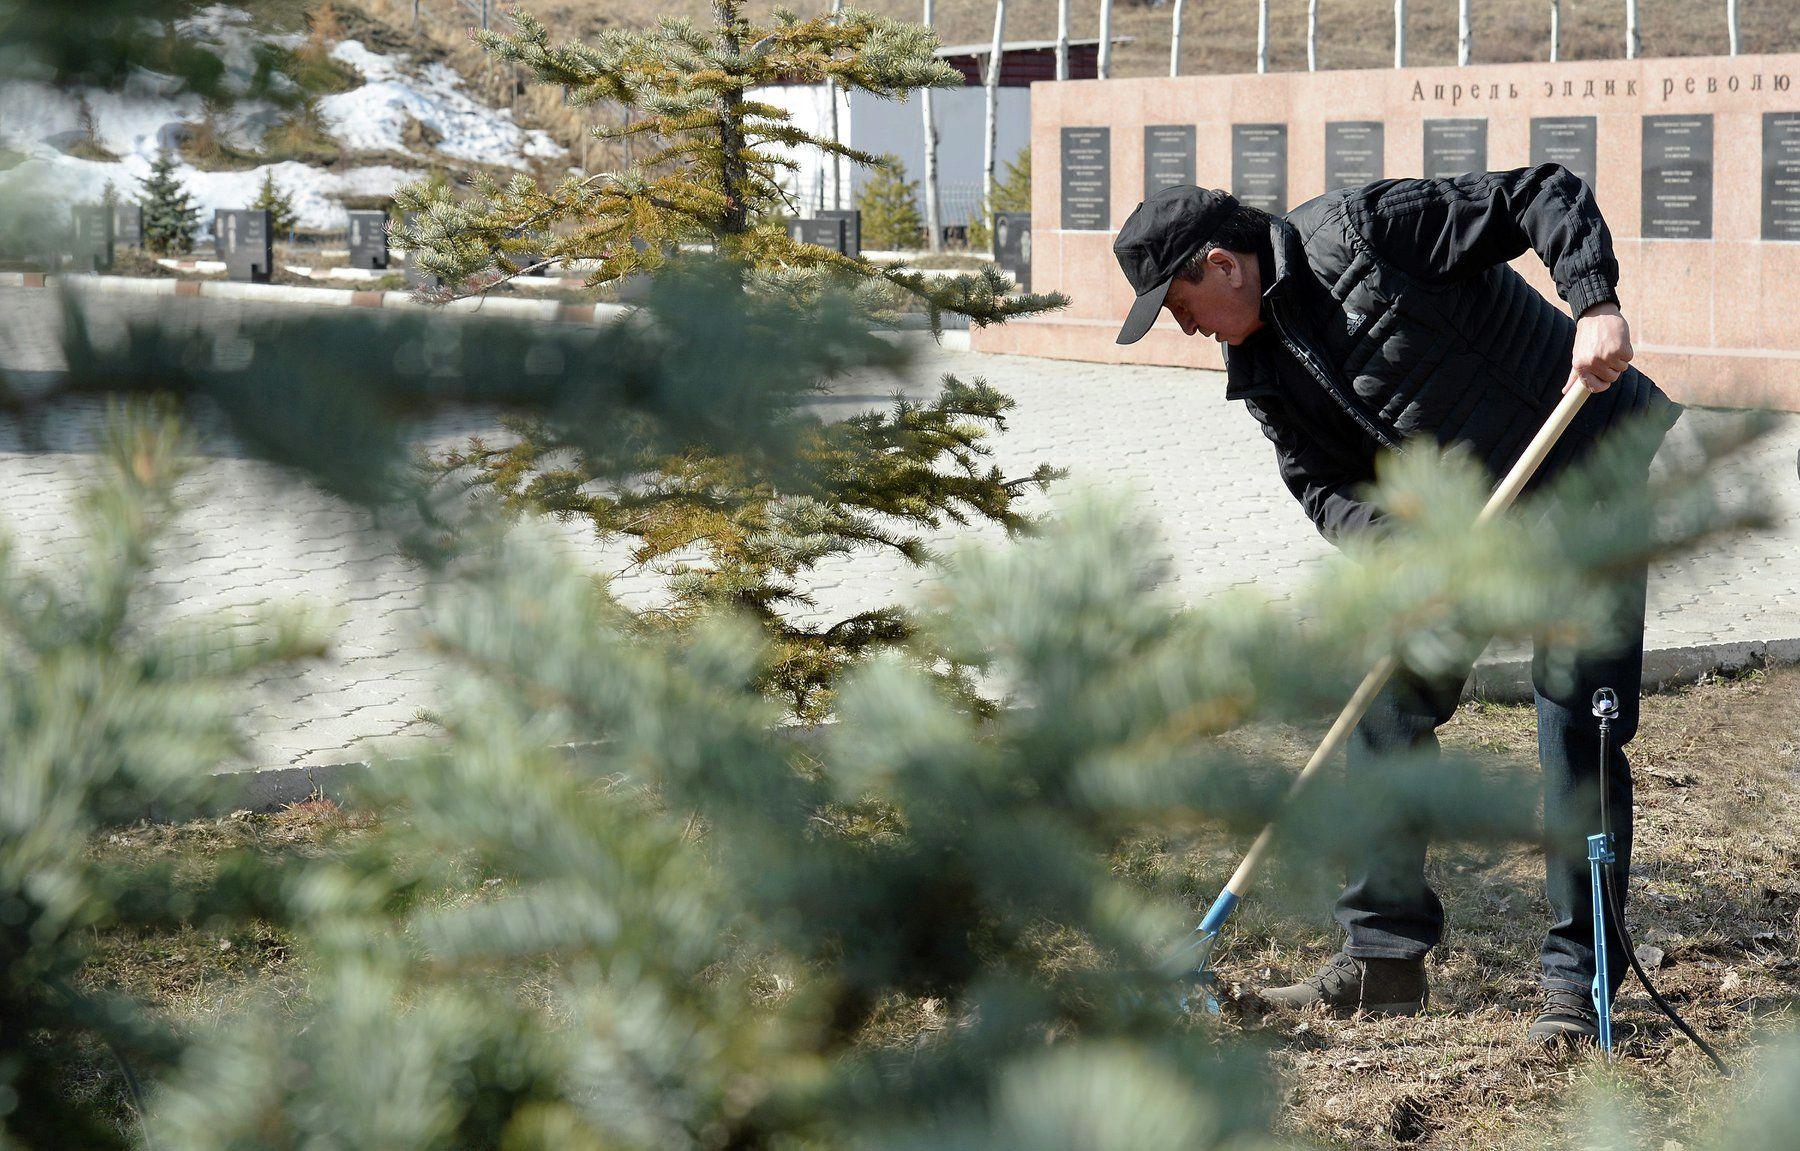 Президент Кыргызстана Сооронбай Жээнбеков на субботнике в мемориальном комплексе Ата-Бейит